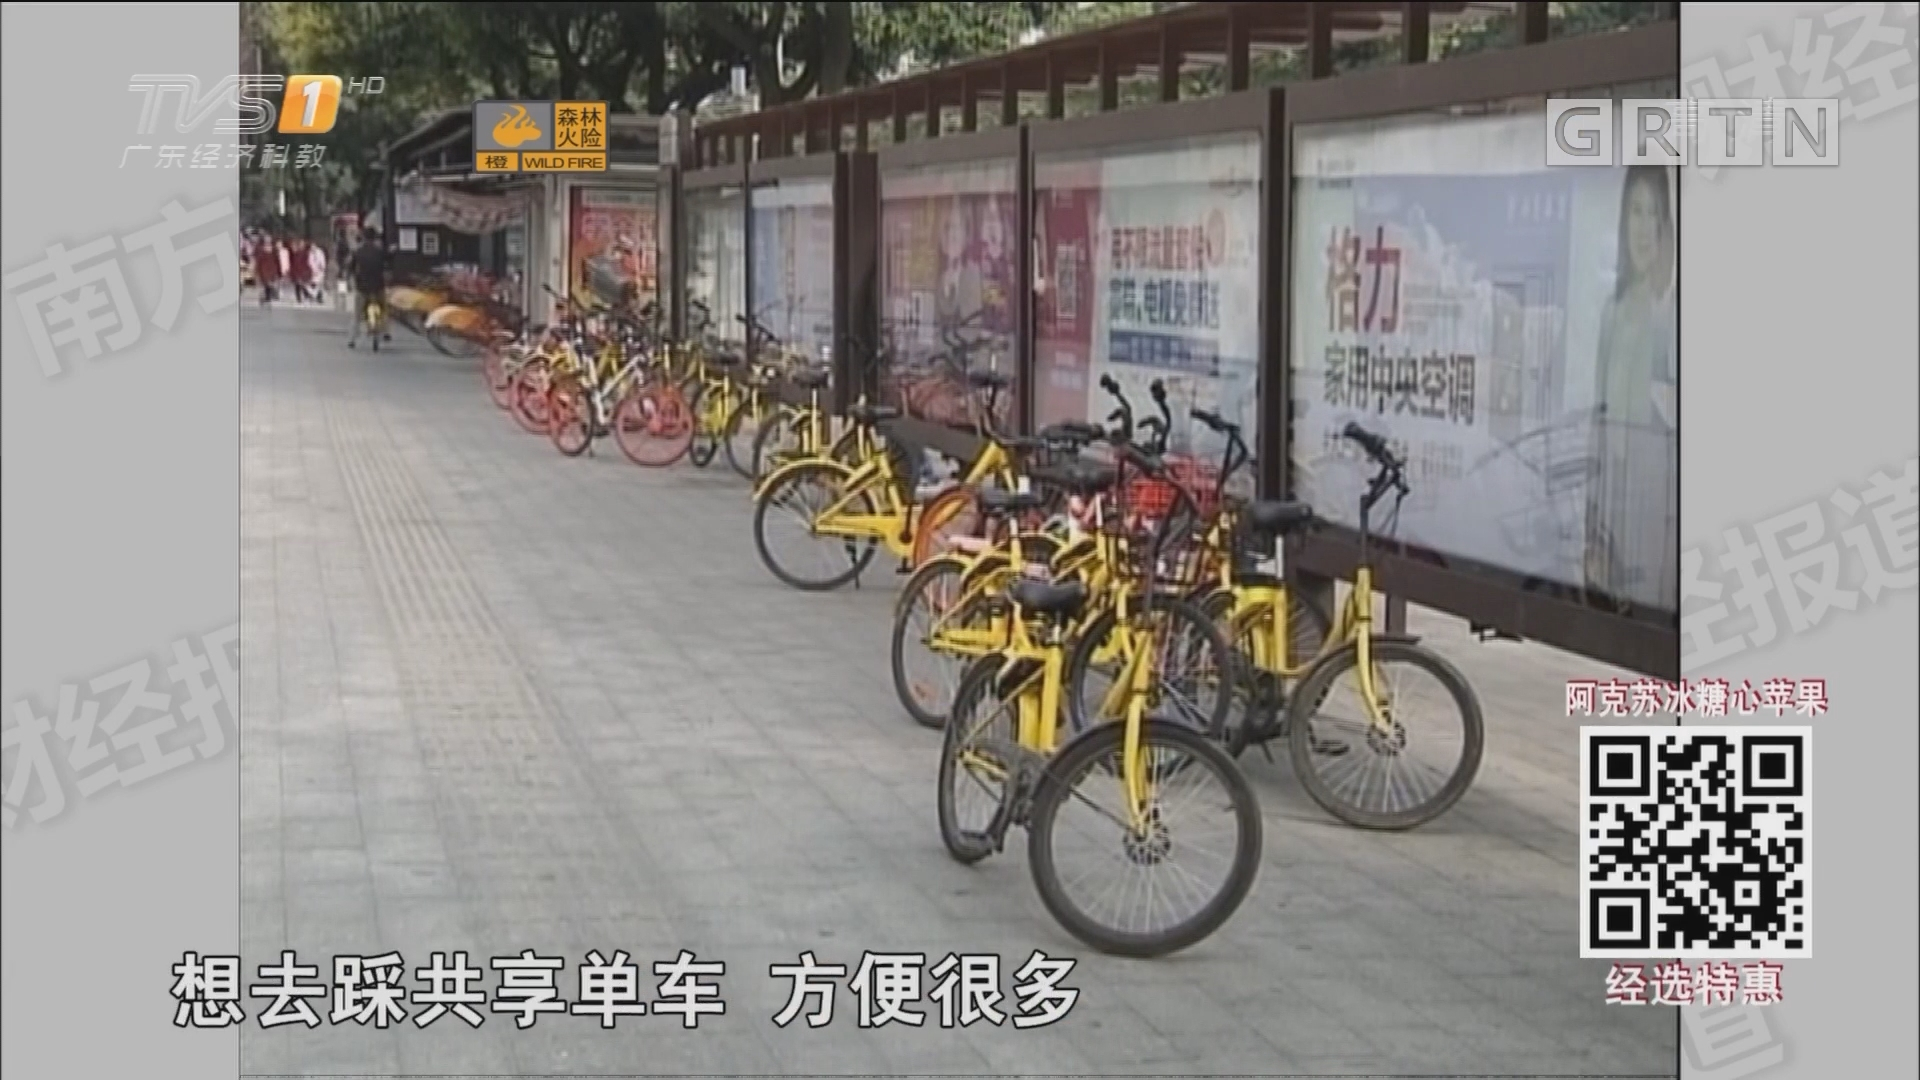 佛山:共享单车乱停泊成城市治理难题